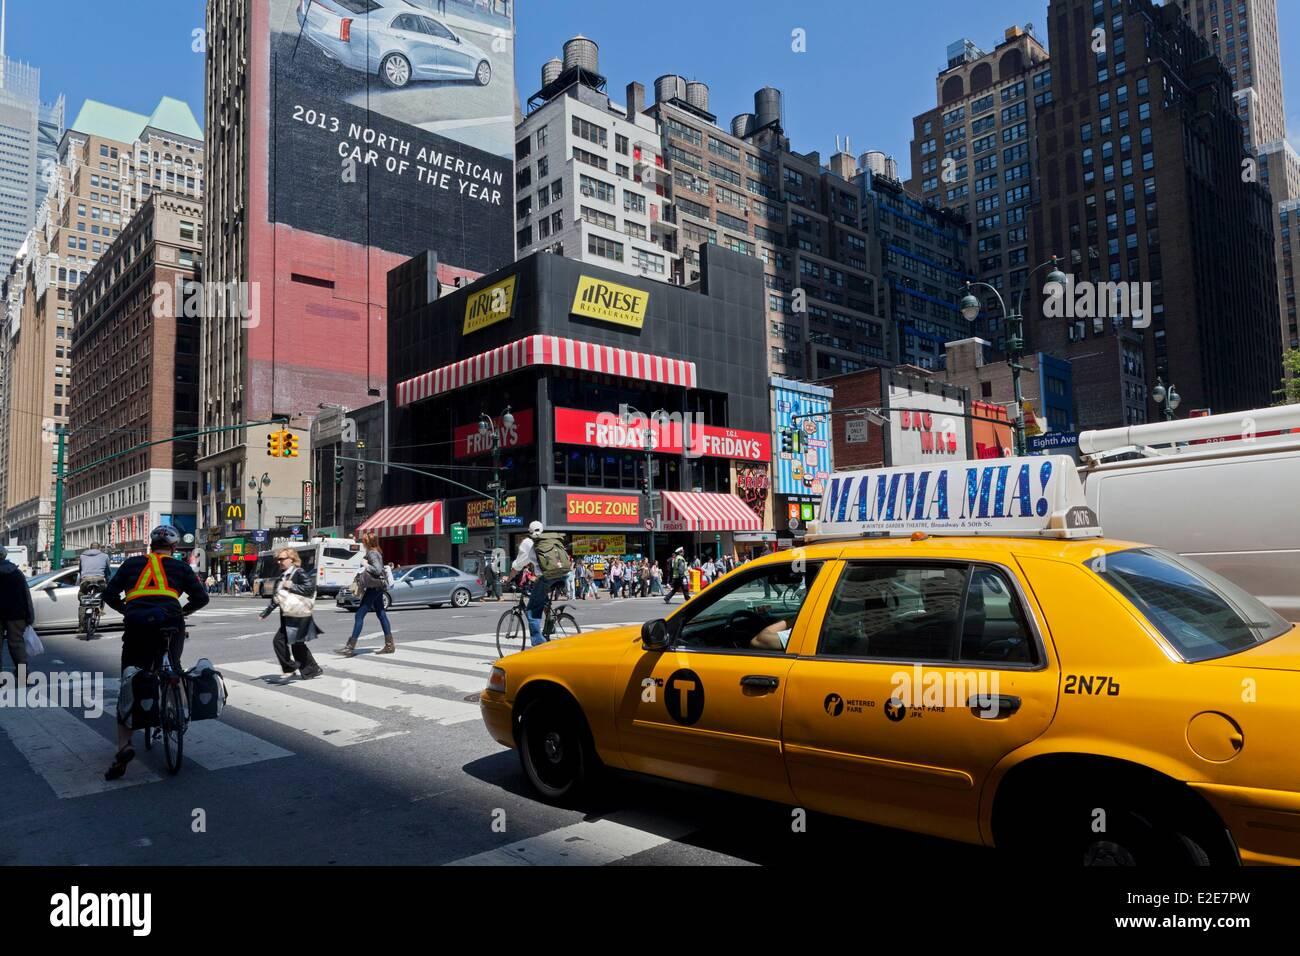 Stati Uniti, New York, Manhattan Midtown, 34th Street intersezione con l'Ottava Avenue, nel cuore della città Immagini Stock